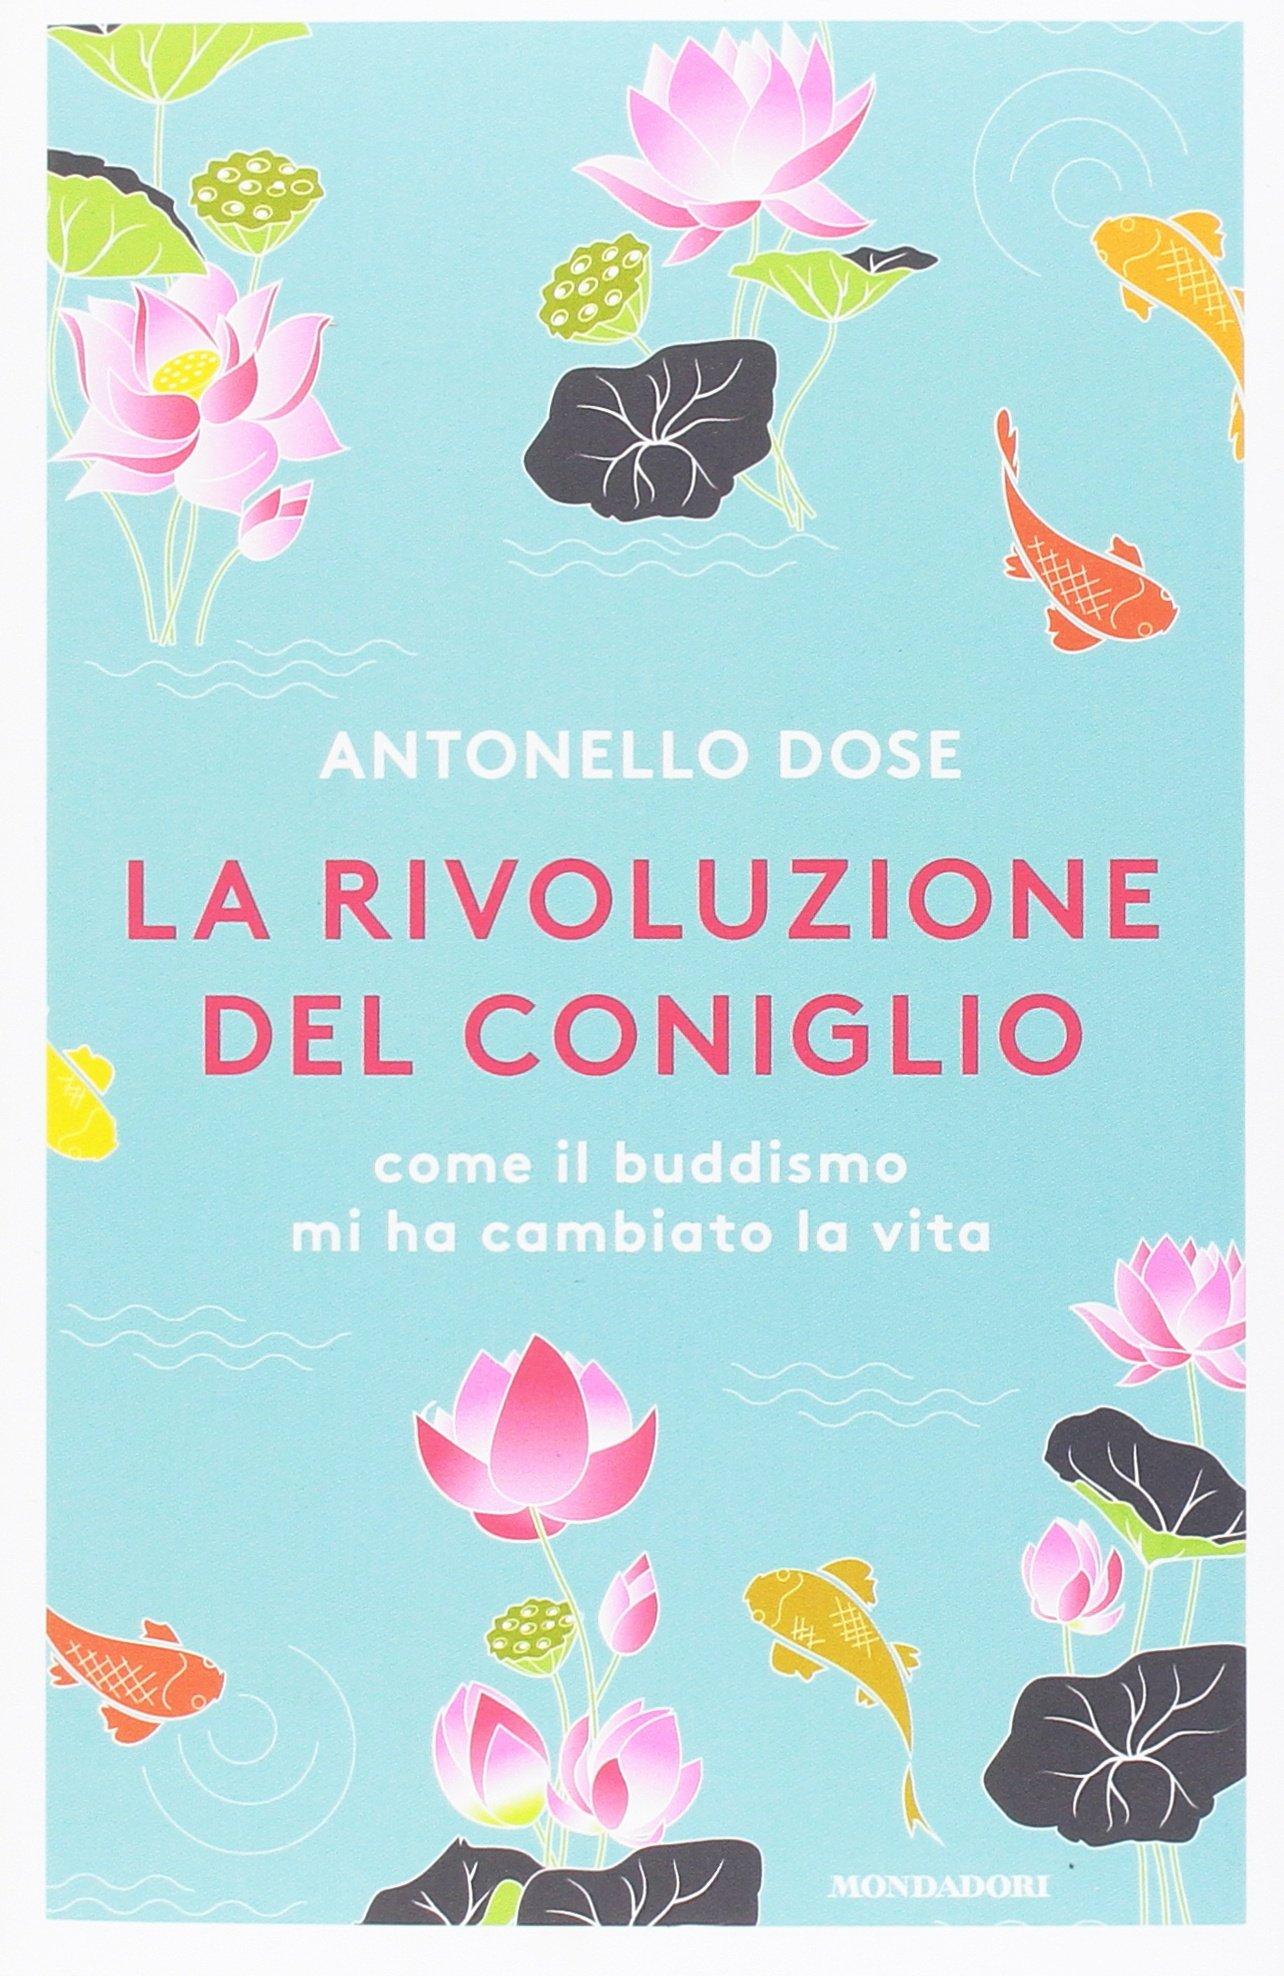 La rivoluzione del coniglio. Come il buddismo mi ha cambiato la vita Copertina flessibile – 7 mar 2017 Antonello Dose Mondadori 8804660112 Altra non illustrata